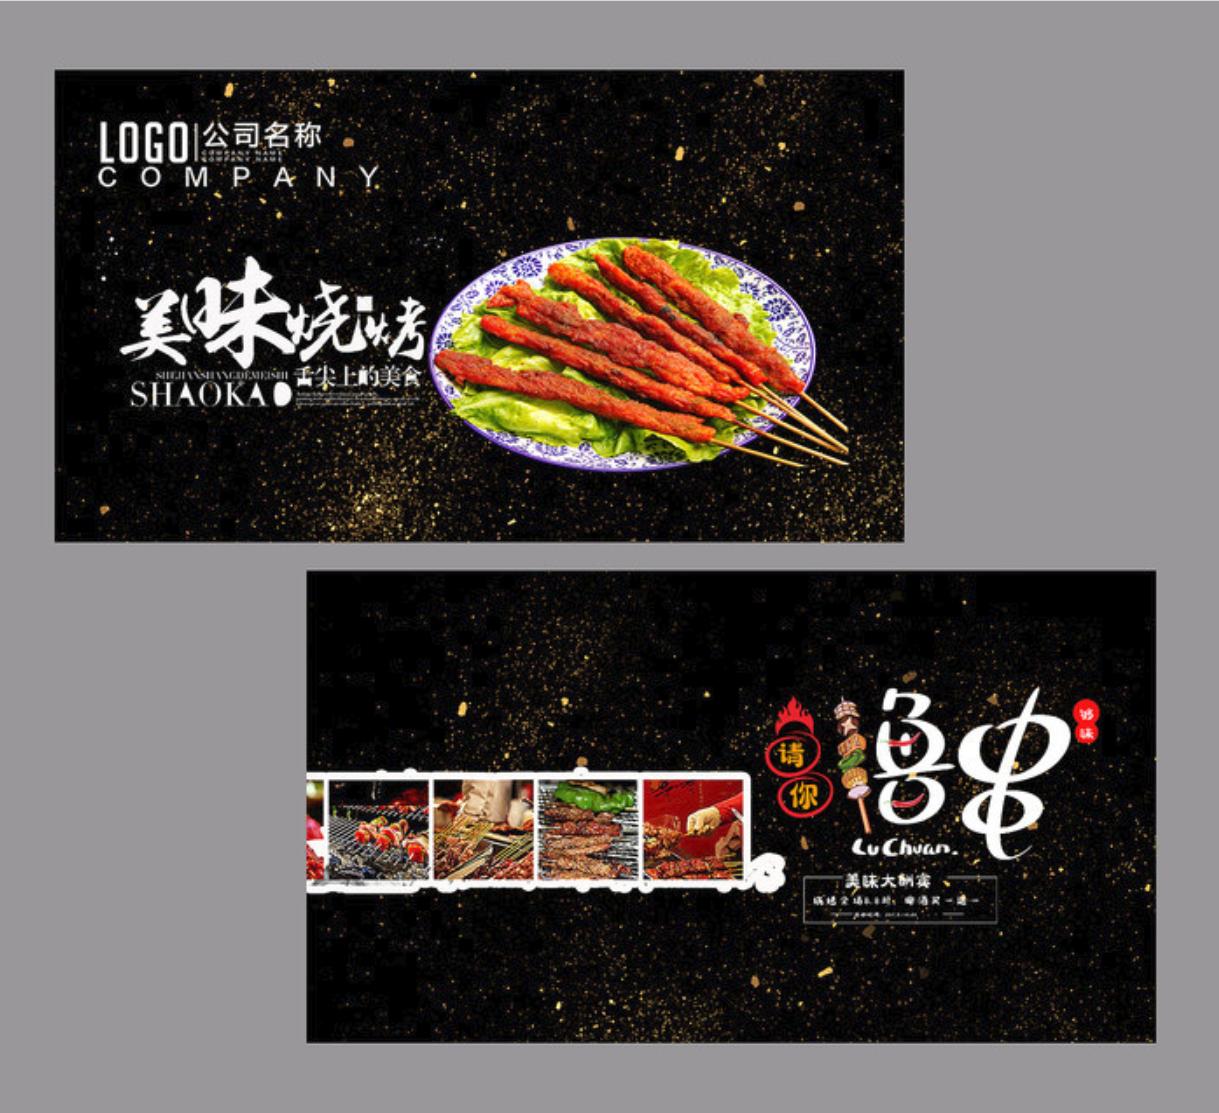 创意社交名片设计参考 这些必看的烧烤店名片